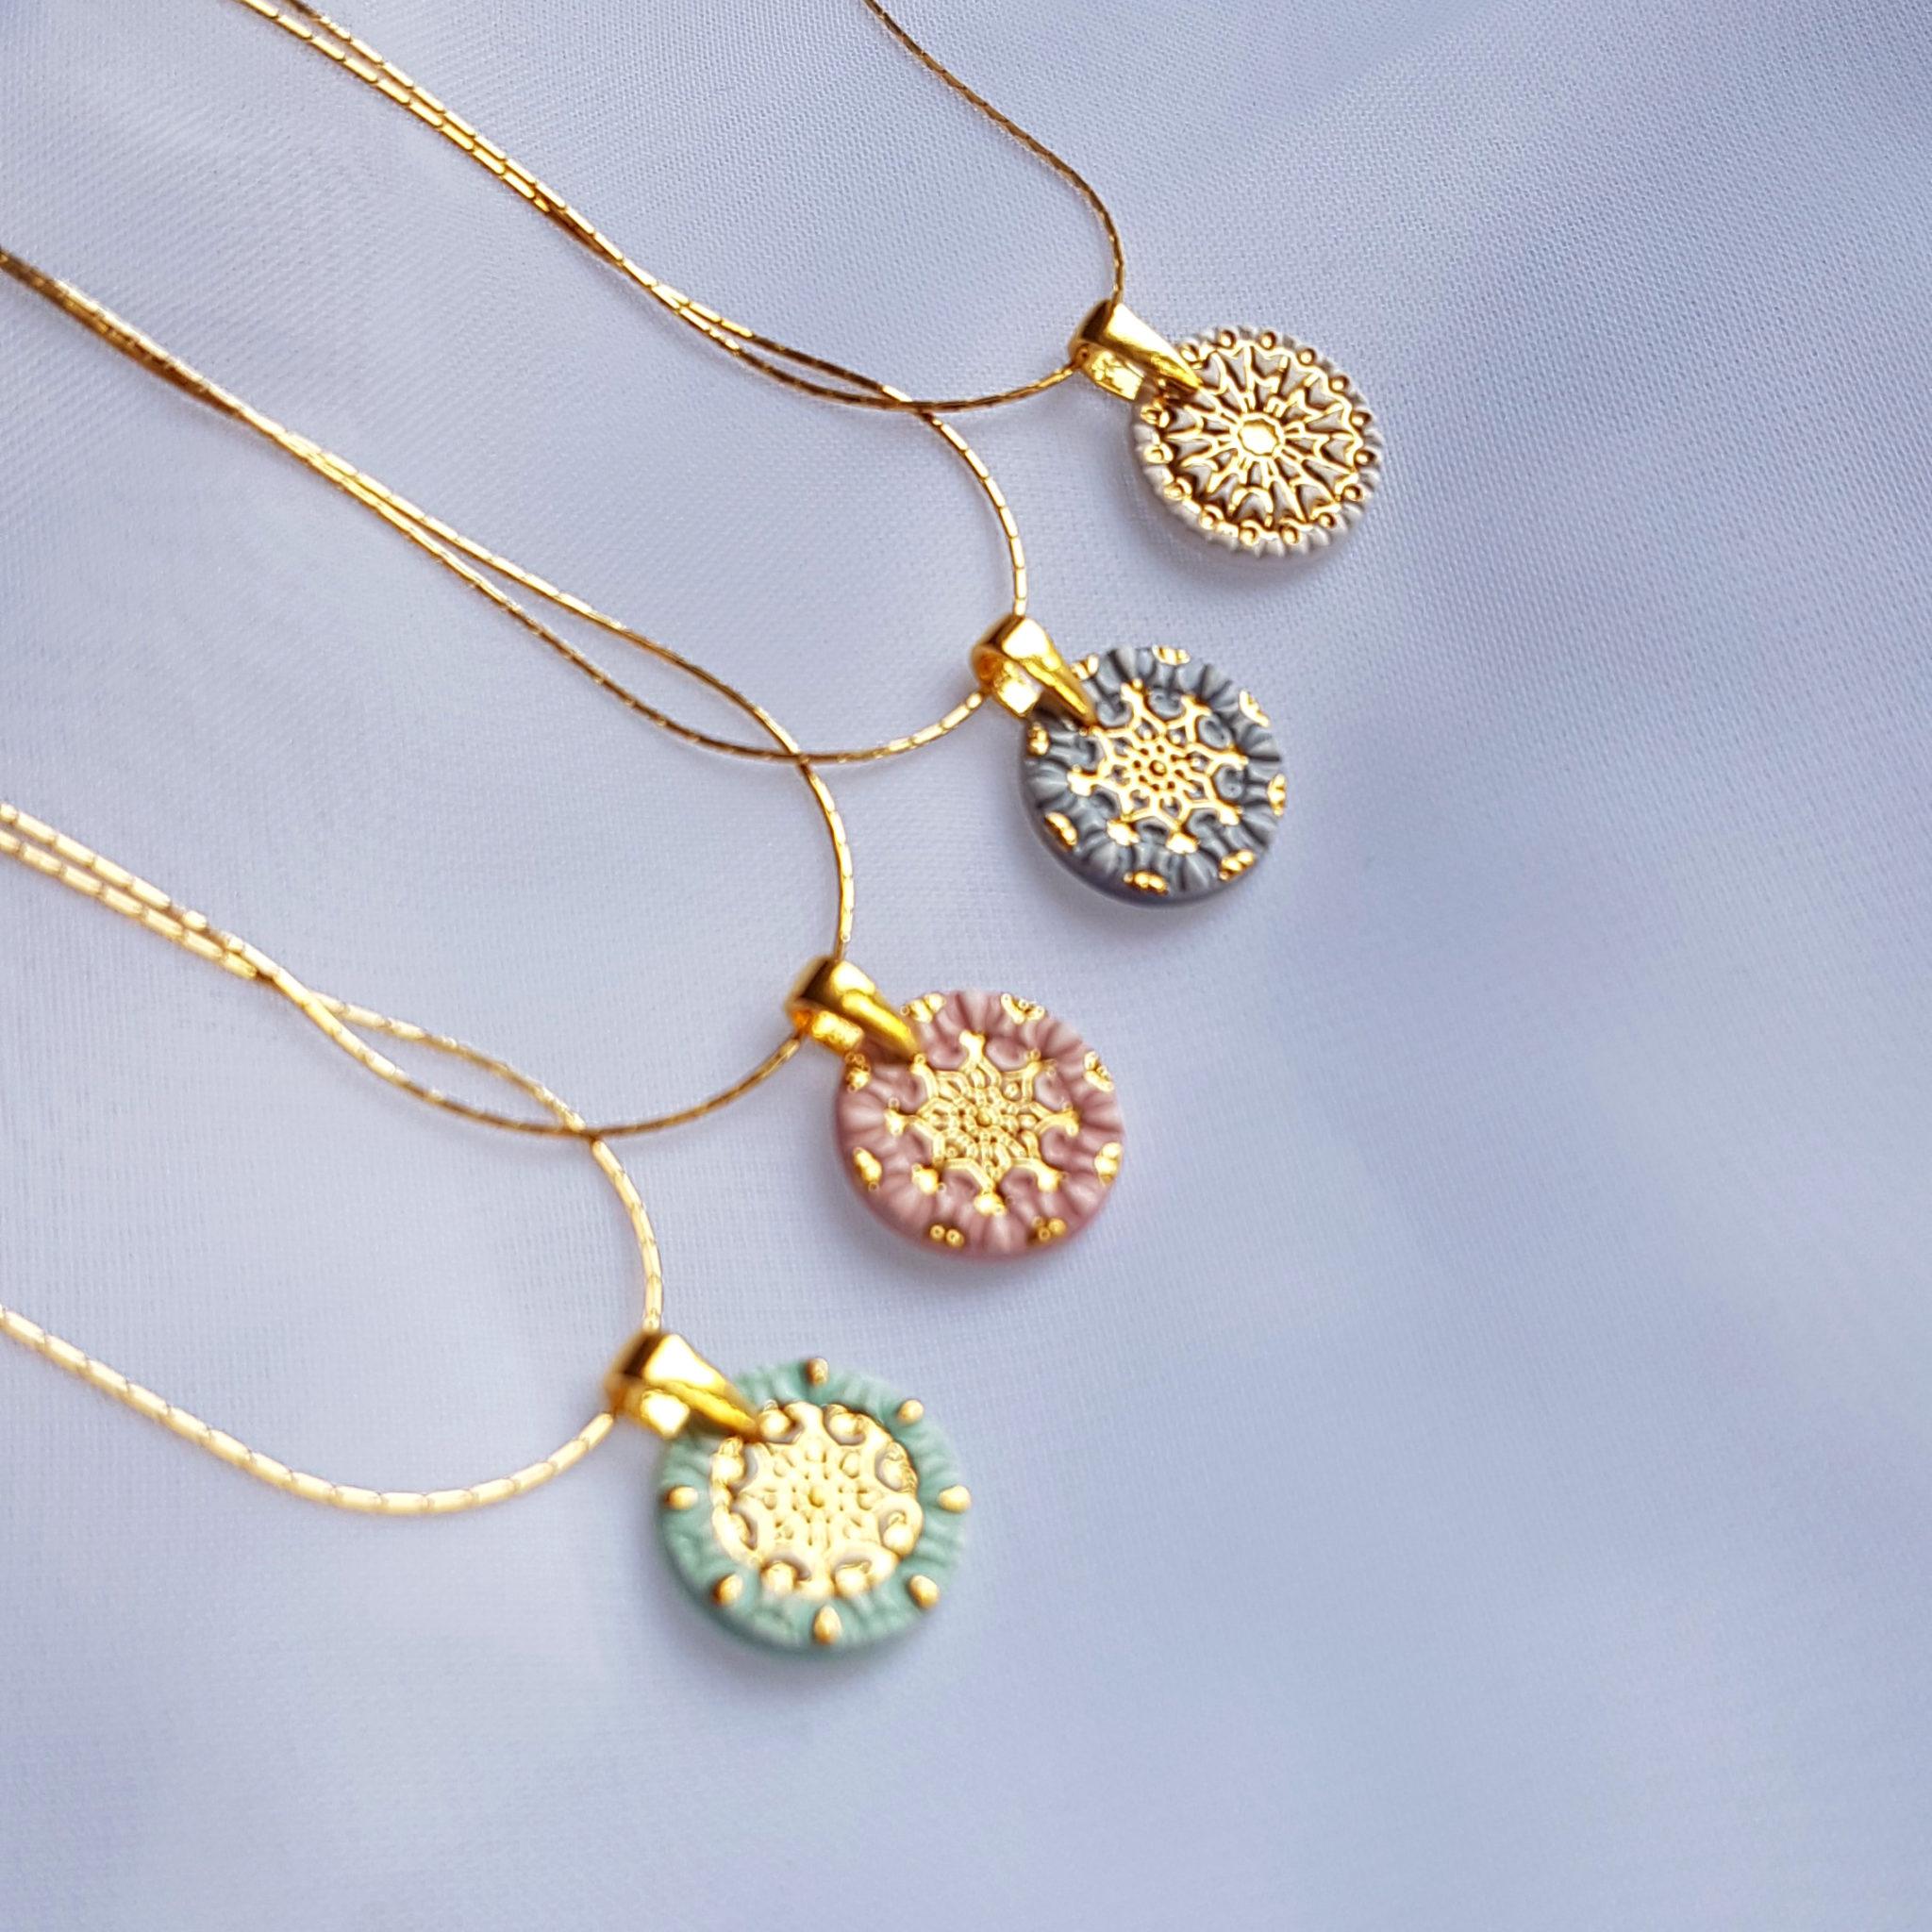 Pastelowy naszyjnik mandala – cztery wzory malowane złotem